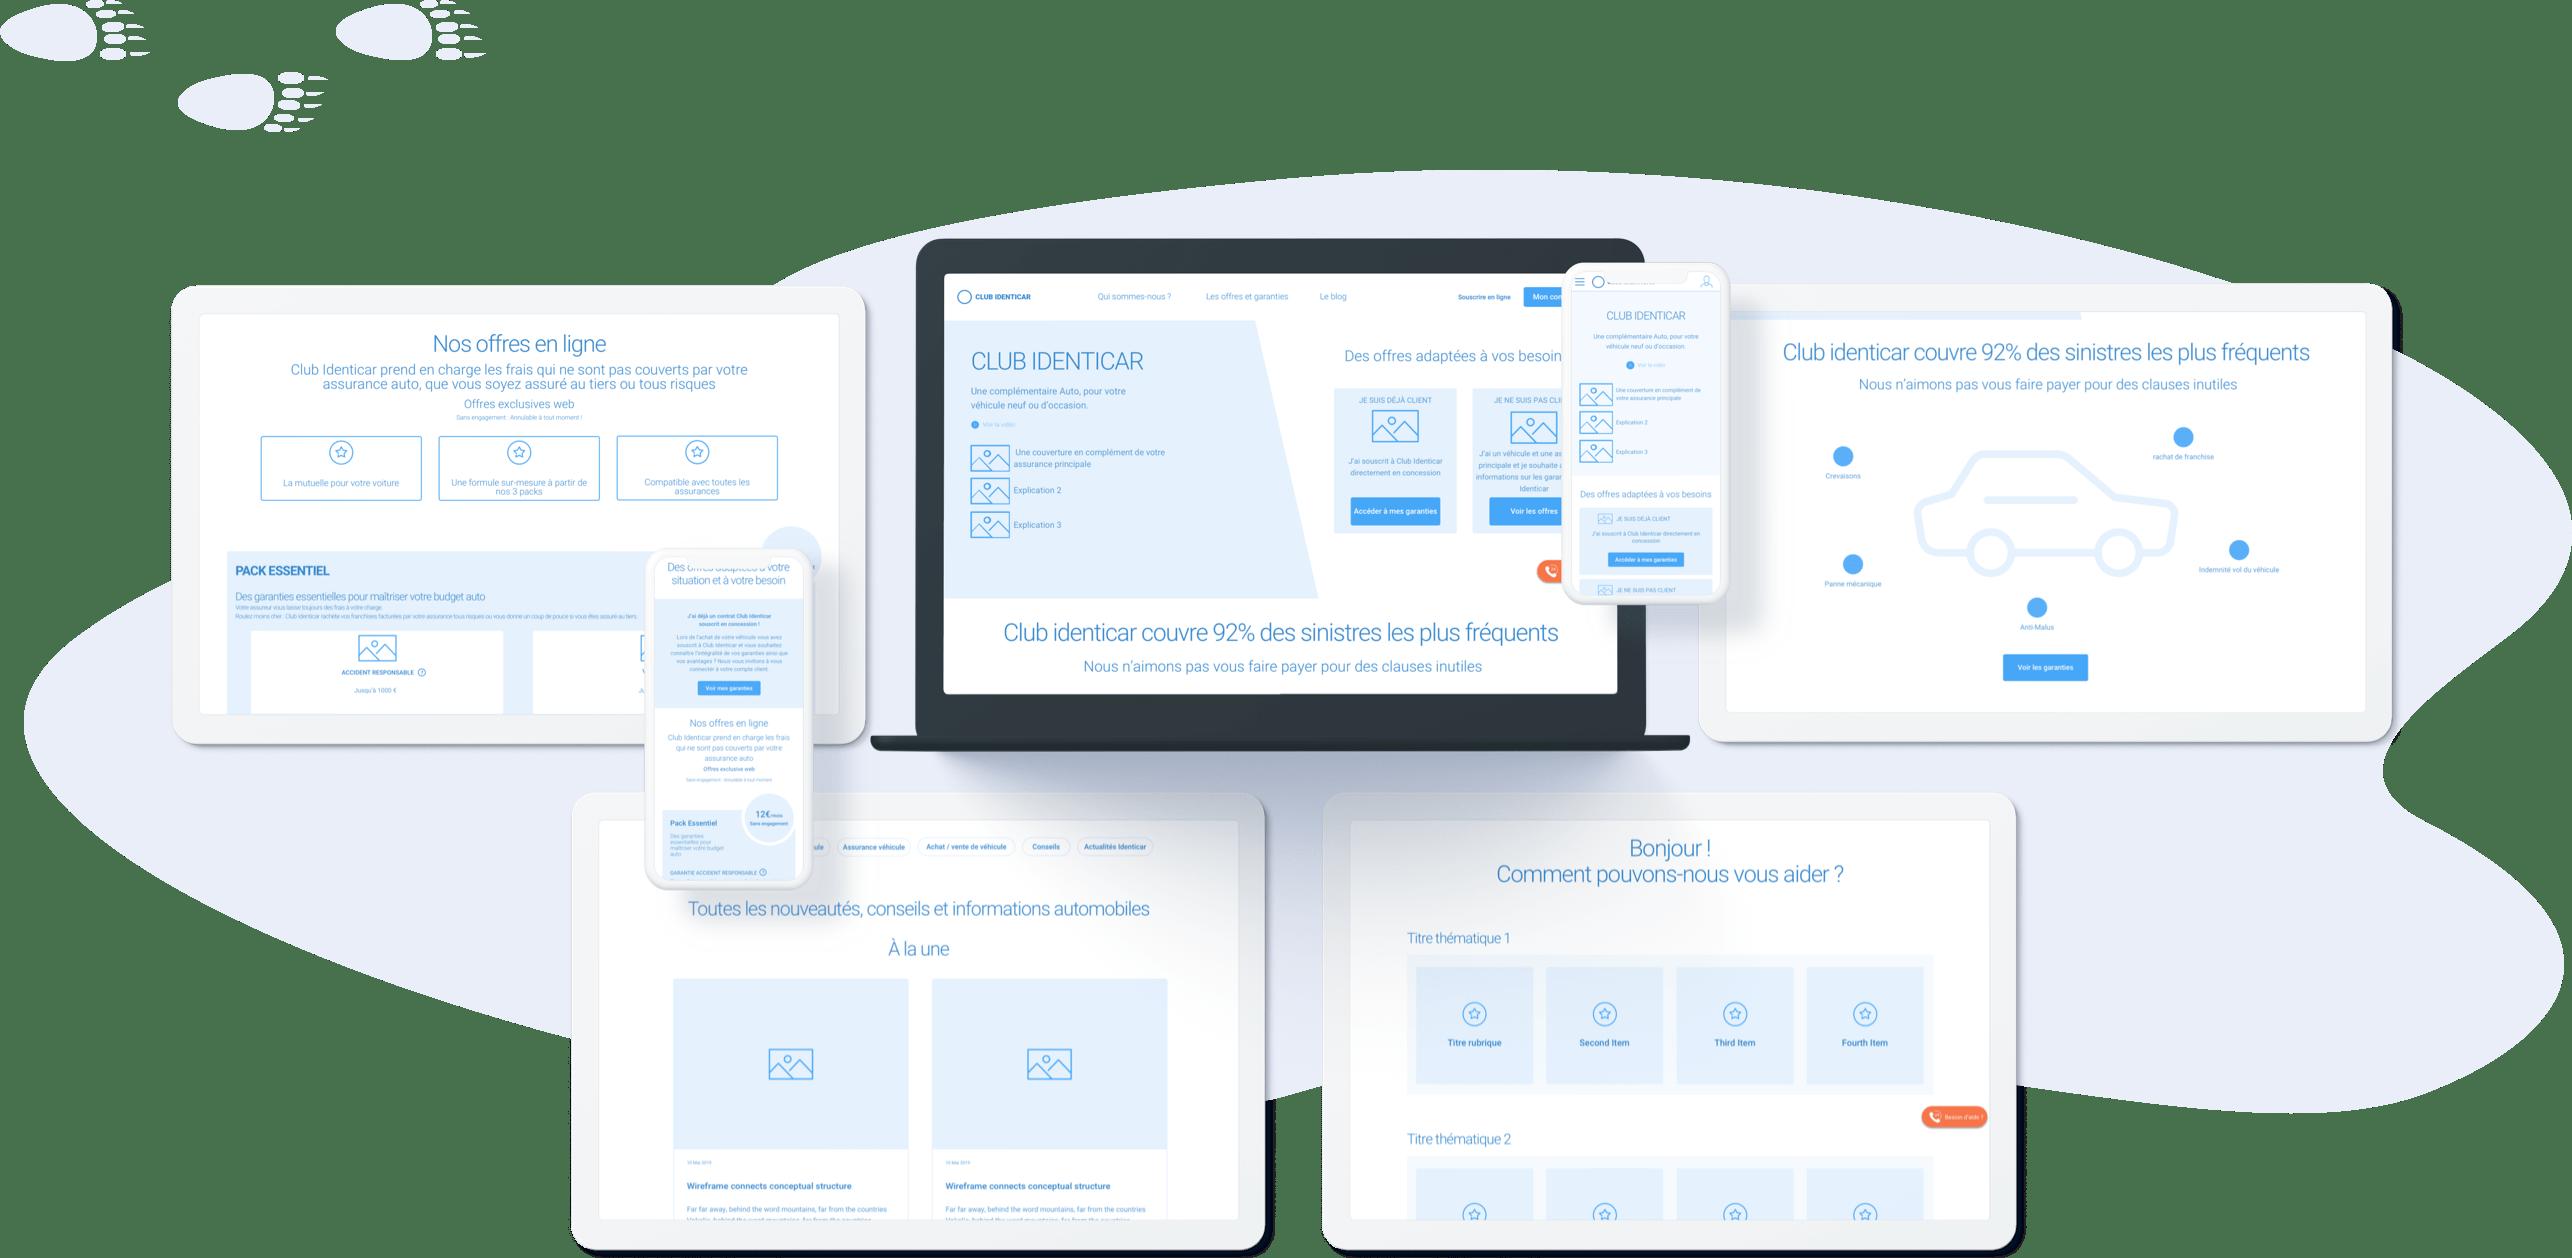 Club Identicar - Conception UX (site vitrine, desktop et mobile)